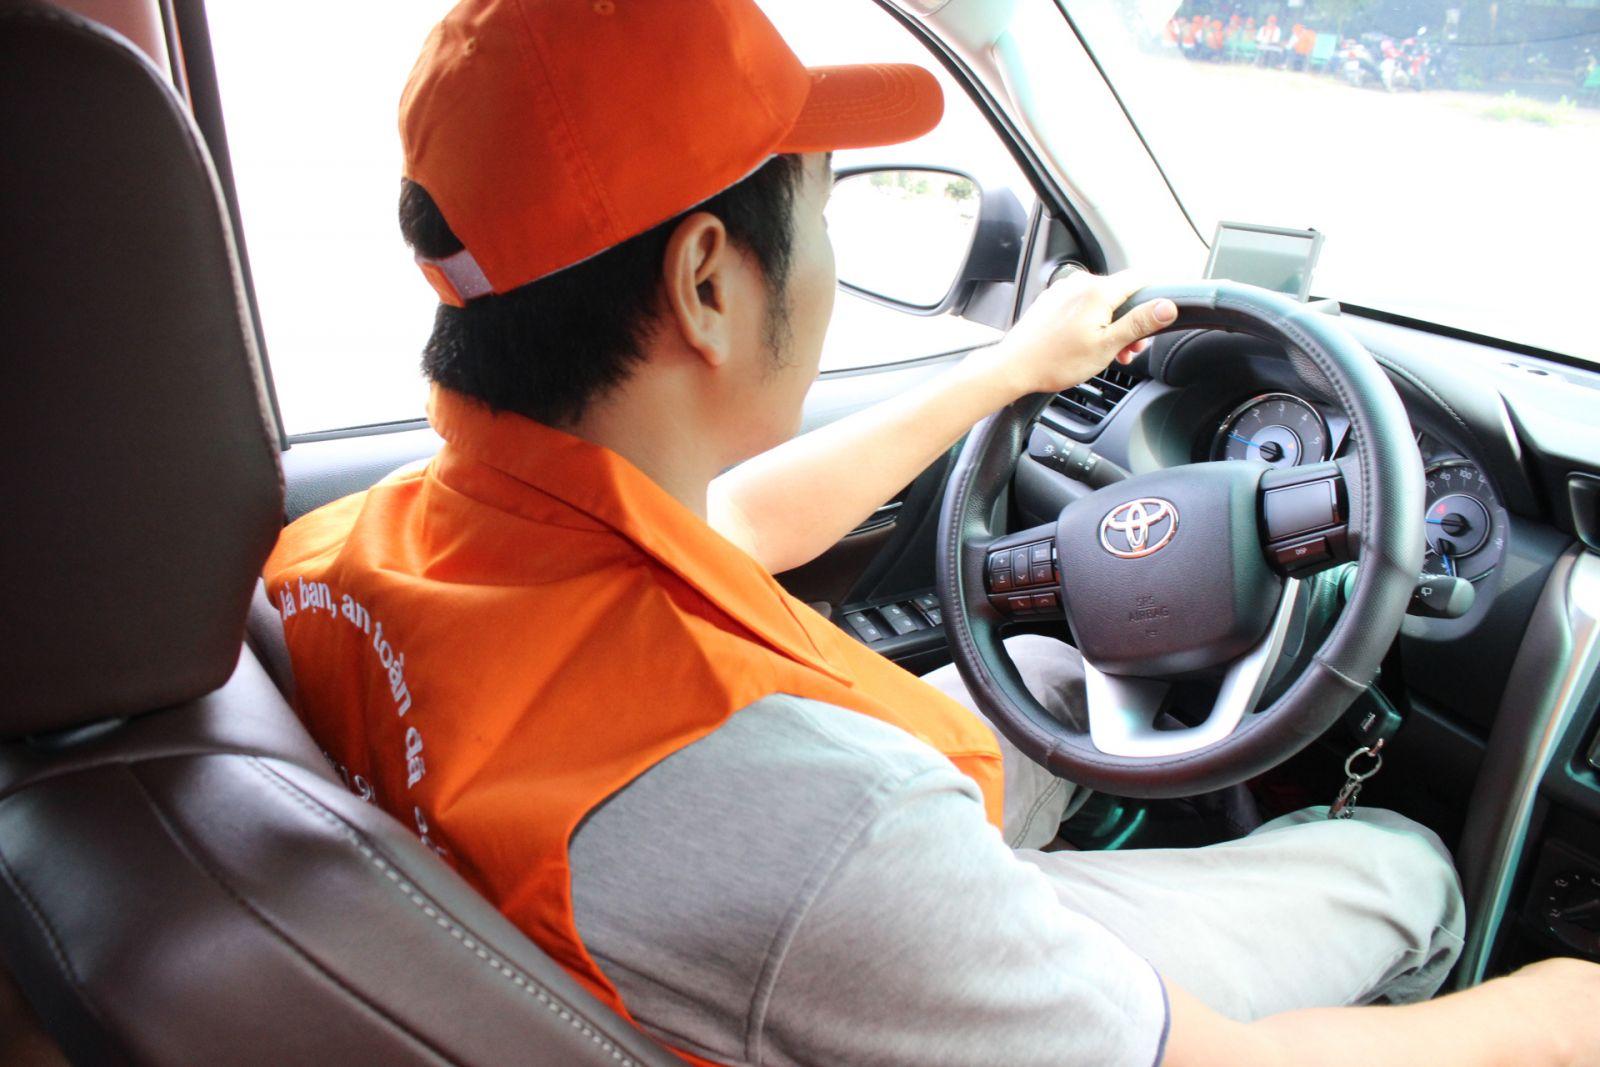 Công việc chính của nghề lái xe